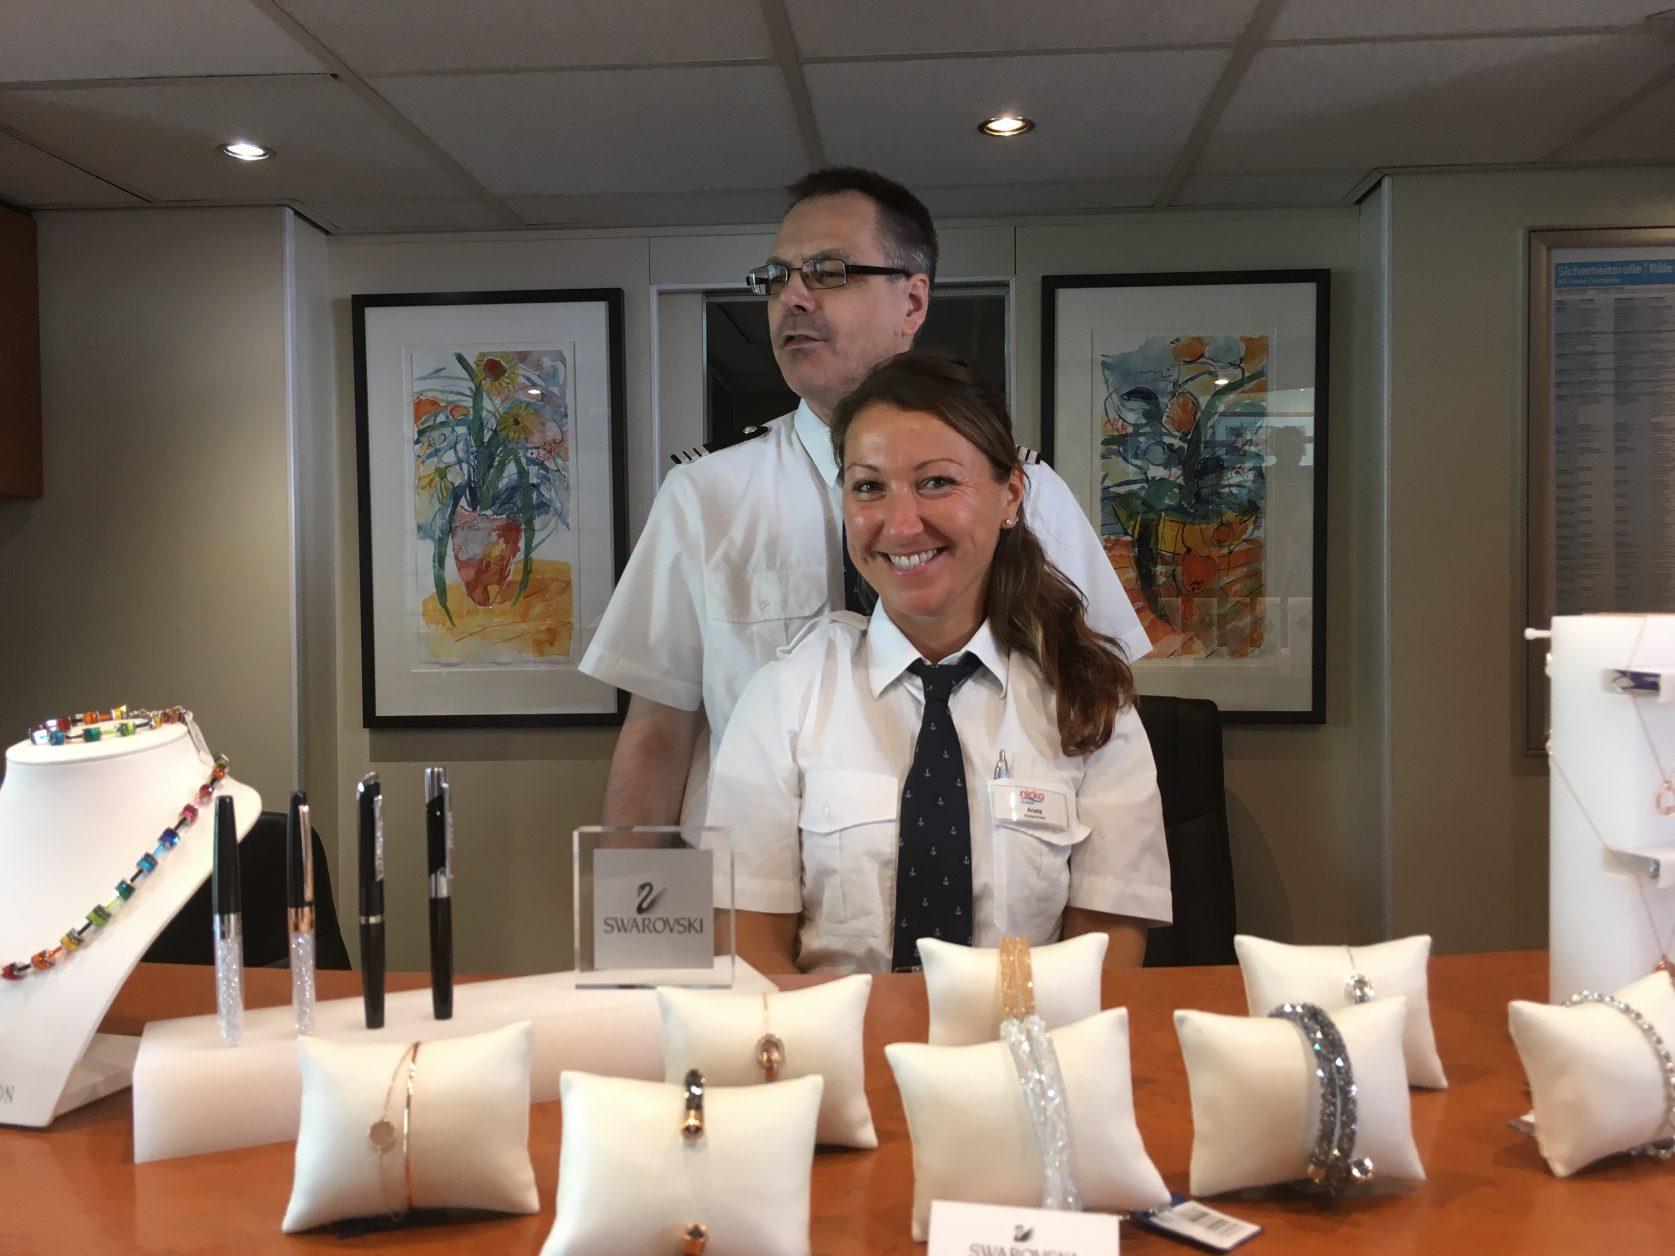 Aneta und Ralf vom Front office auf der Seine Comtesse Foto: Weirauch